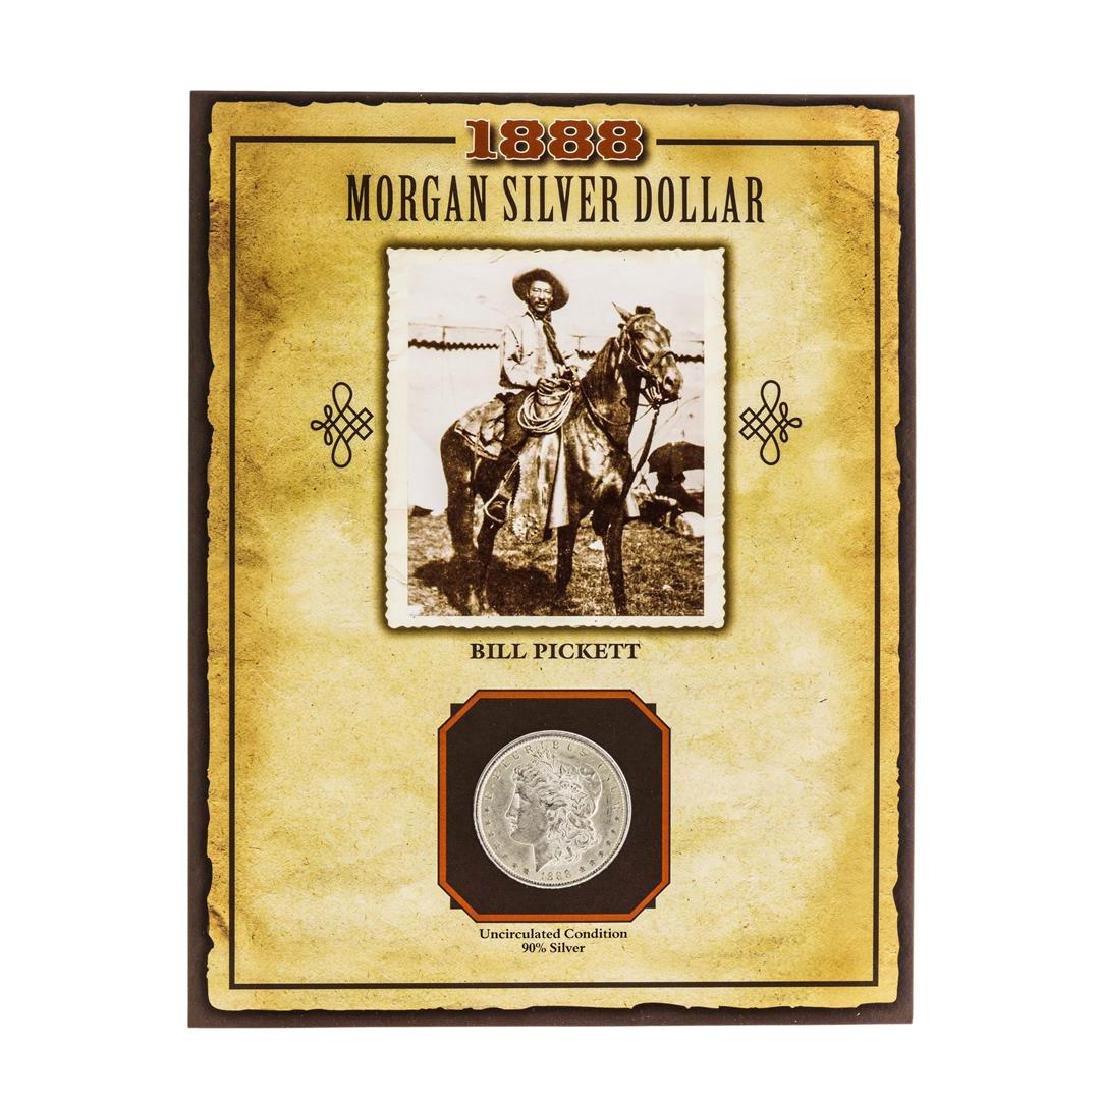 1888 $1 Morgan Silver Dollar Coin with Bill Pickett